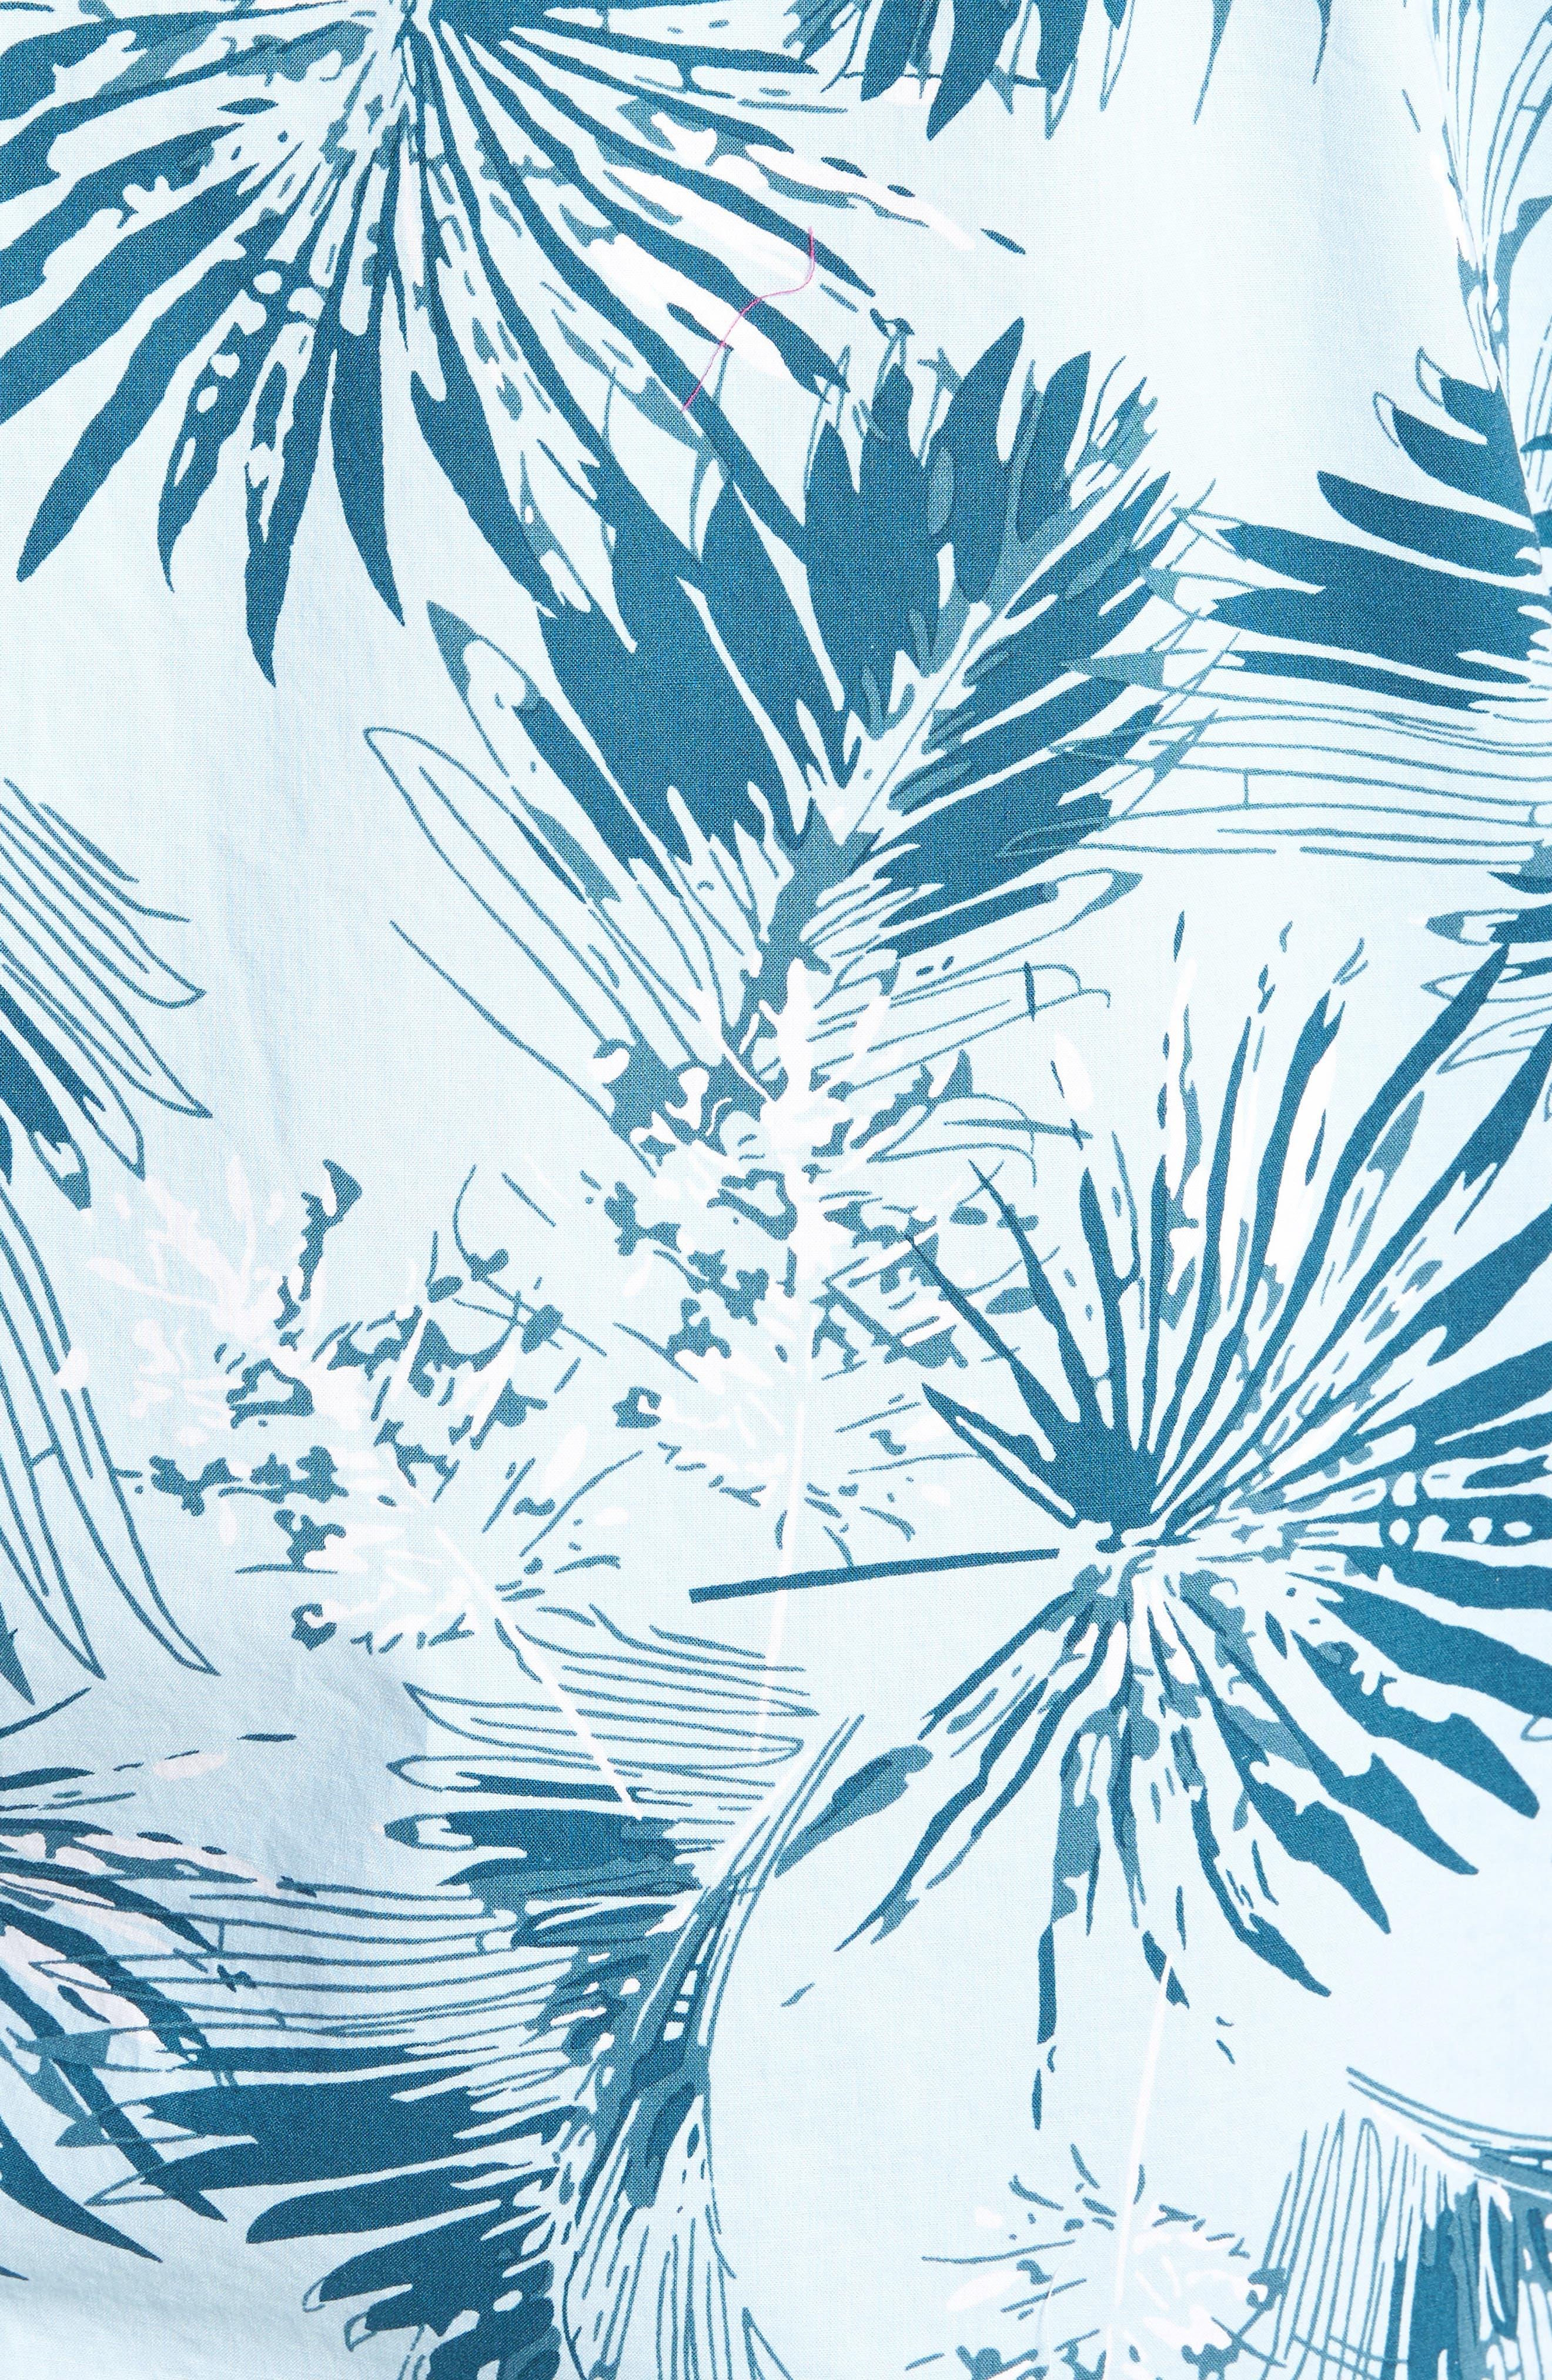 Trim Fit Palm Print Camp Shirt,                             Alternate thumbnail 5, color,                             BLUE CLOUD FAN PALMS